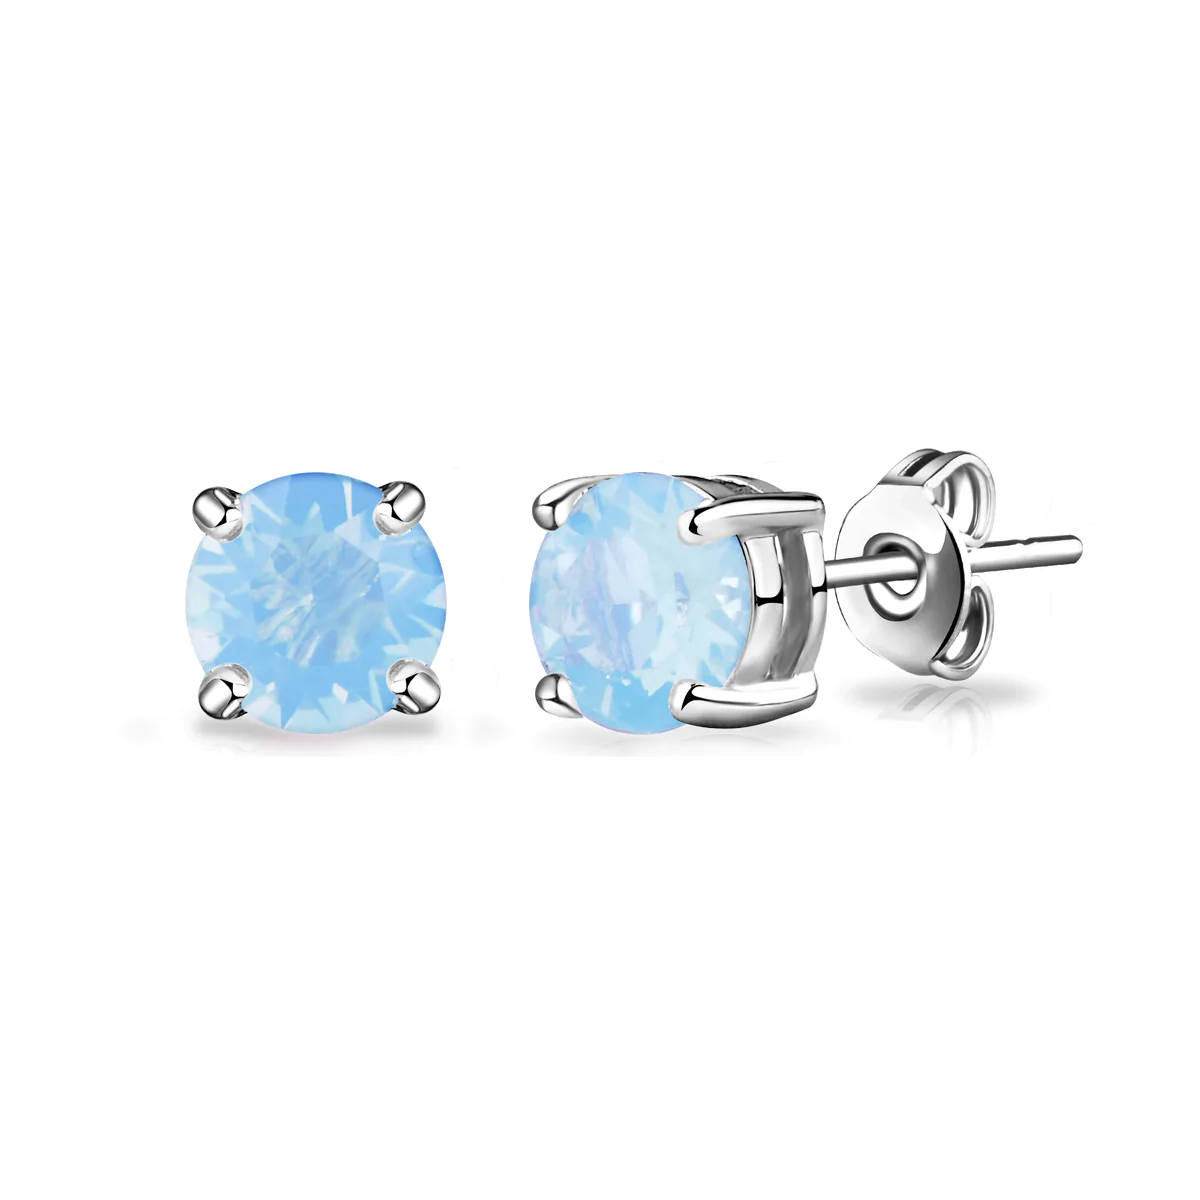 Pendientes de Ópalo Azul de aire creado con cristales de Swarovski ®